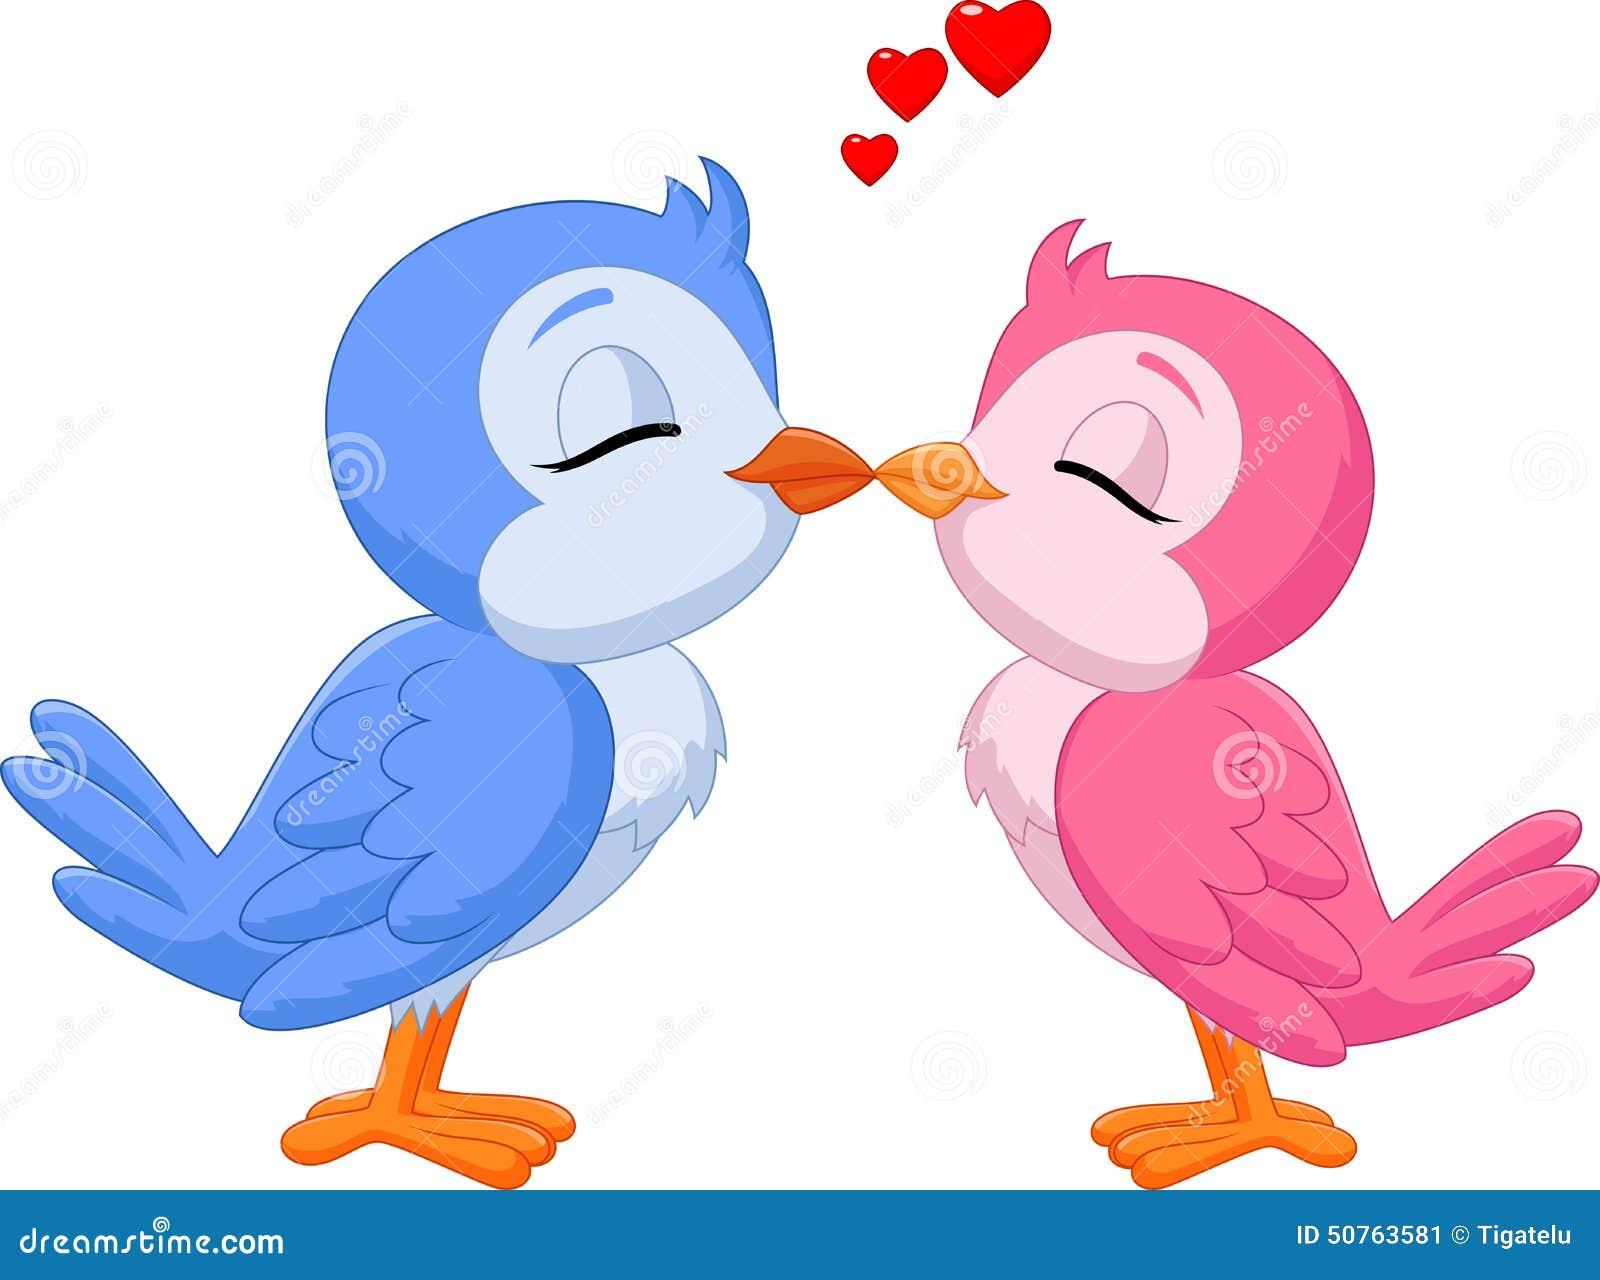 2 doves kissing clipart